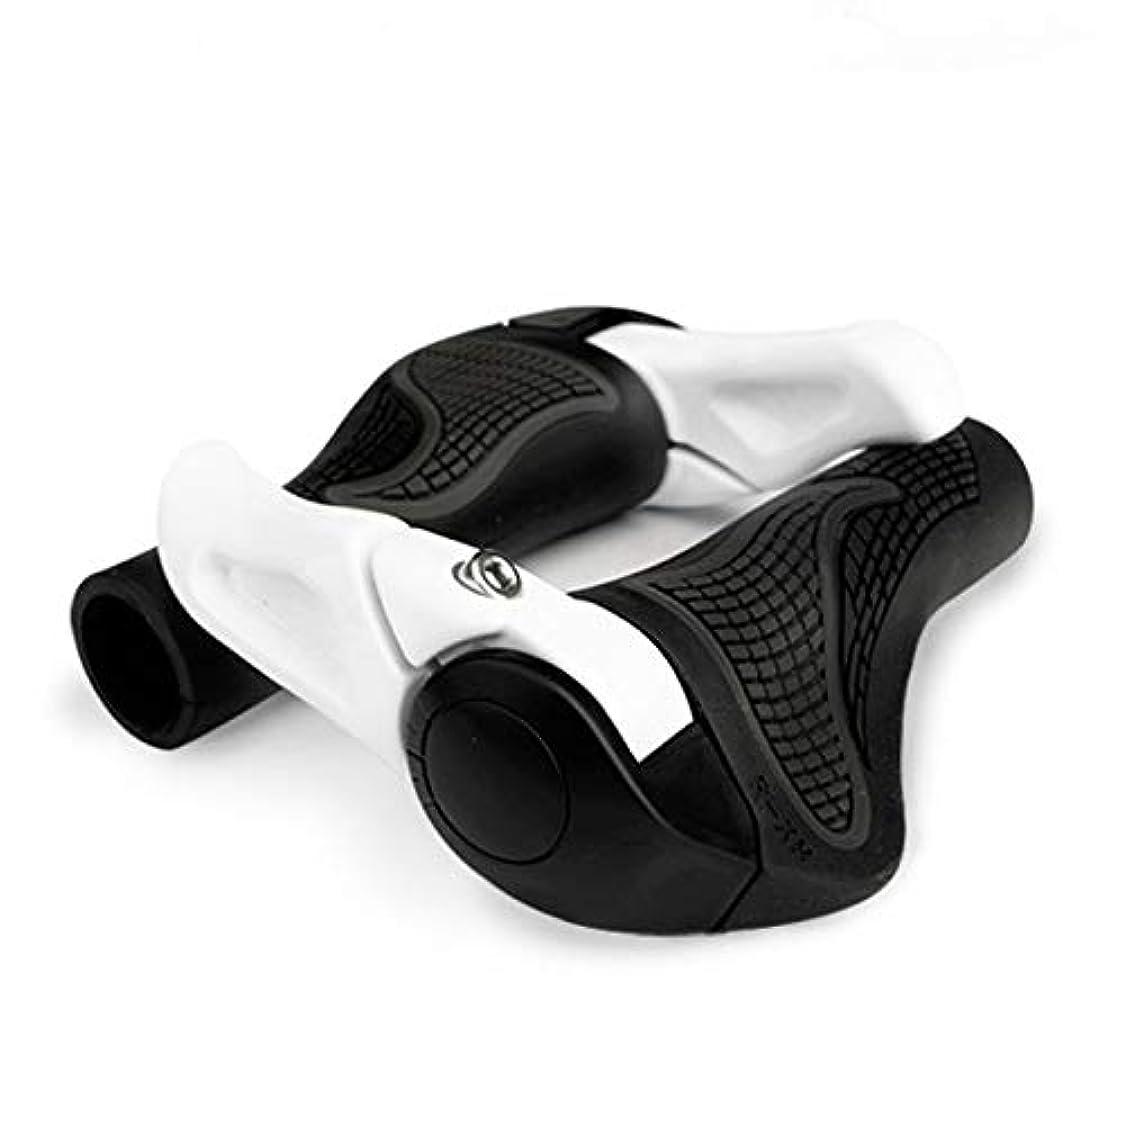 分類するジャンク接辞LZDD サイクリングマウンテン自転車/バイクグリップハンドルグリップハンドルバーグリップエンドLOCK-ON人間工学自転車アクセサリー (Color : White)